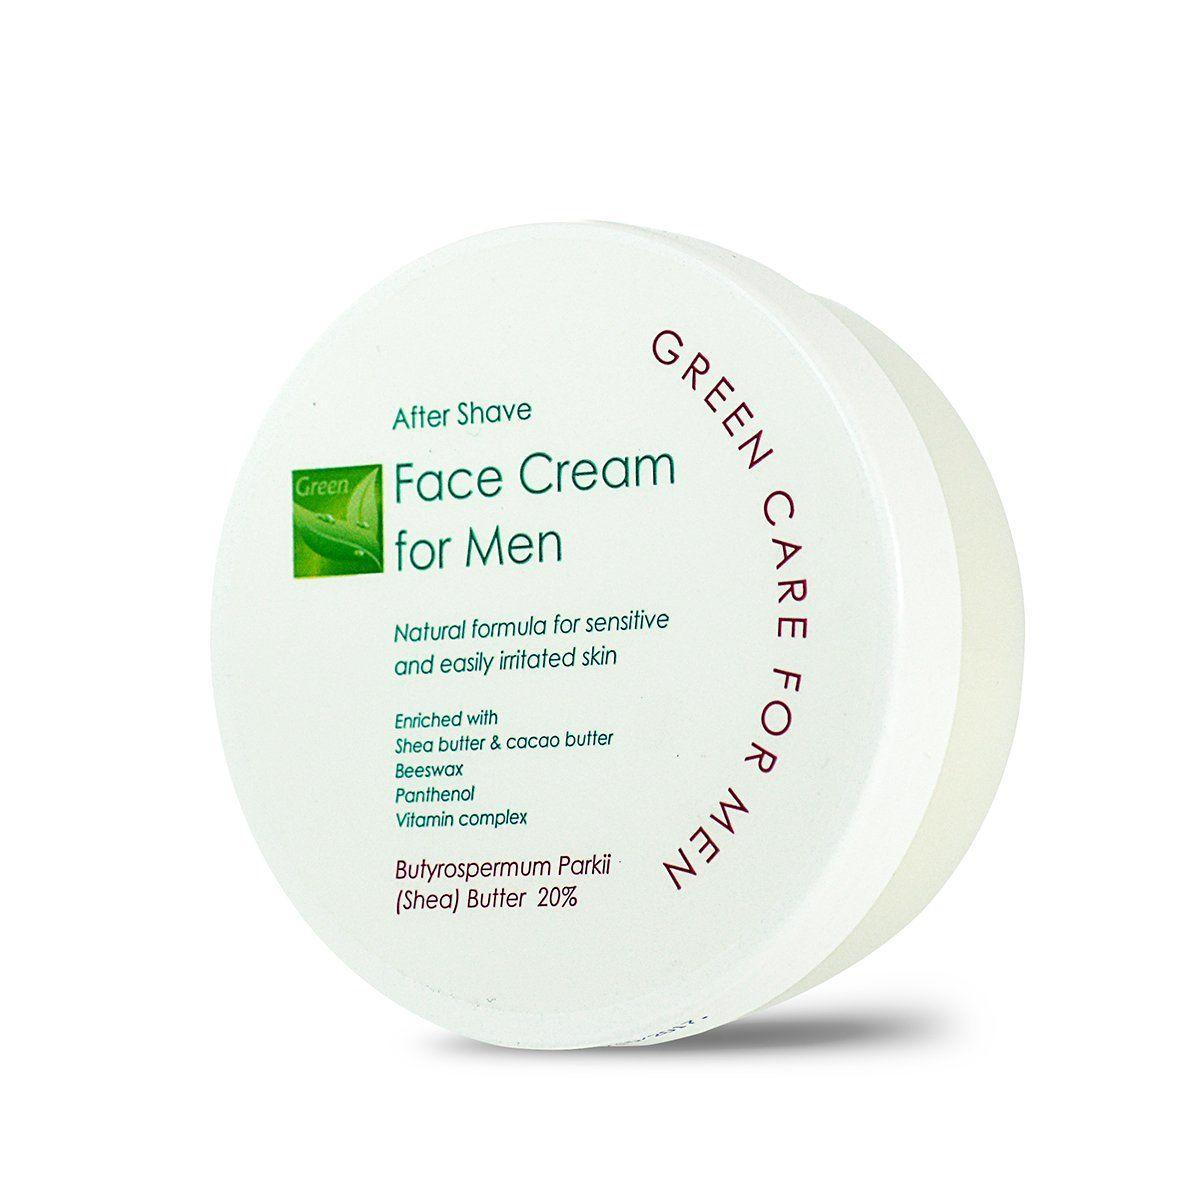 Крем для лица для мужчин «Green care for men», ЯКА, 220 мл